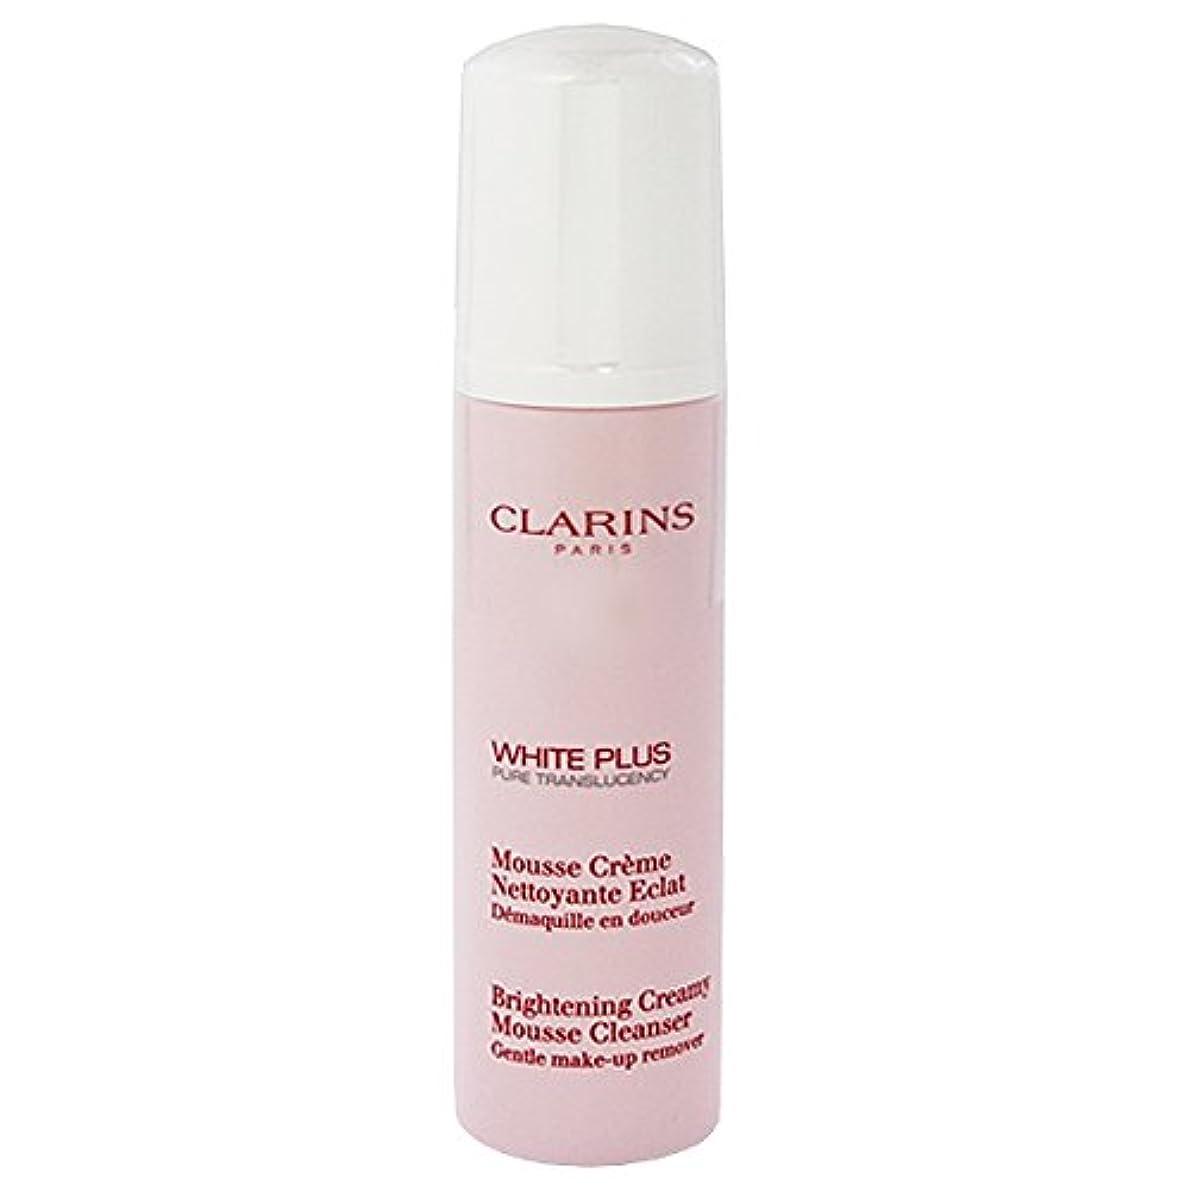 クレアしわ節約クラランス CLARINS ホワイト-プラス ブライト クレンザー 150ml [並行輸入品]